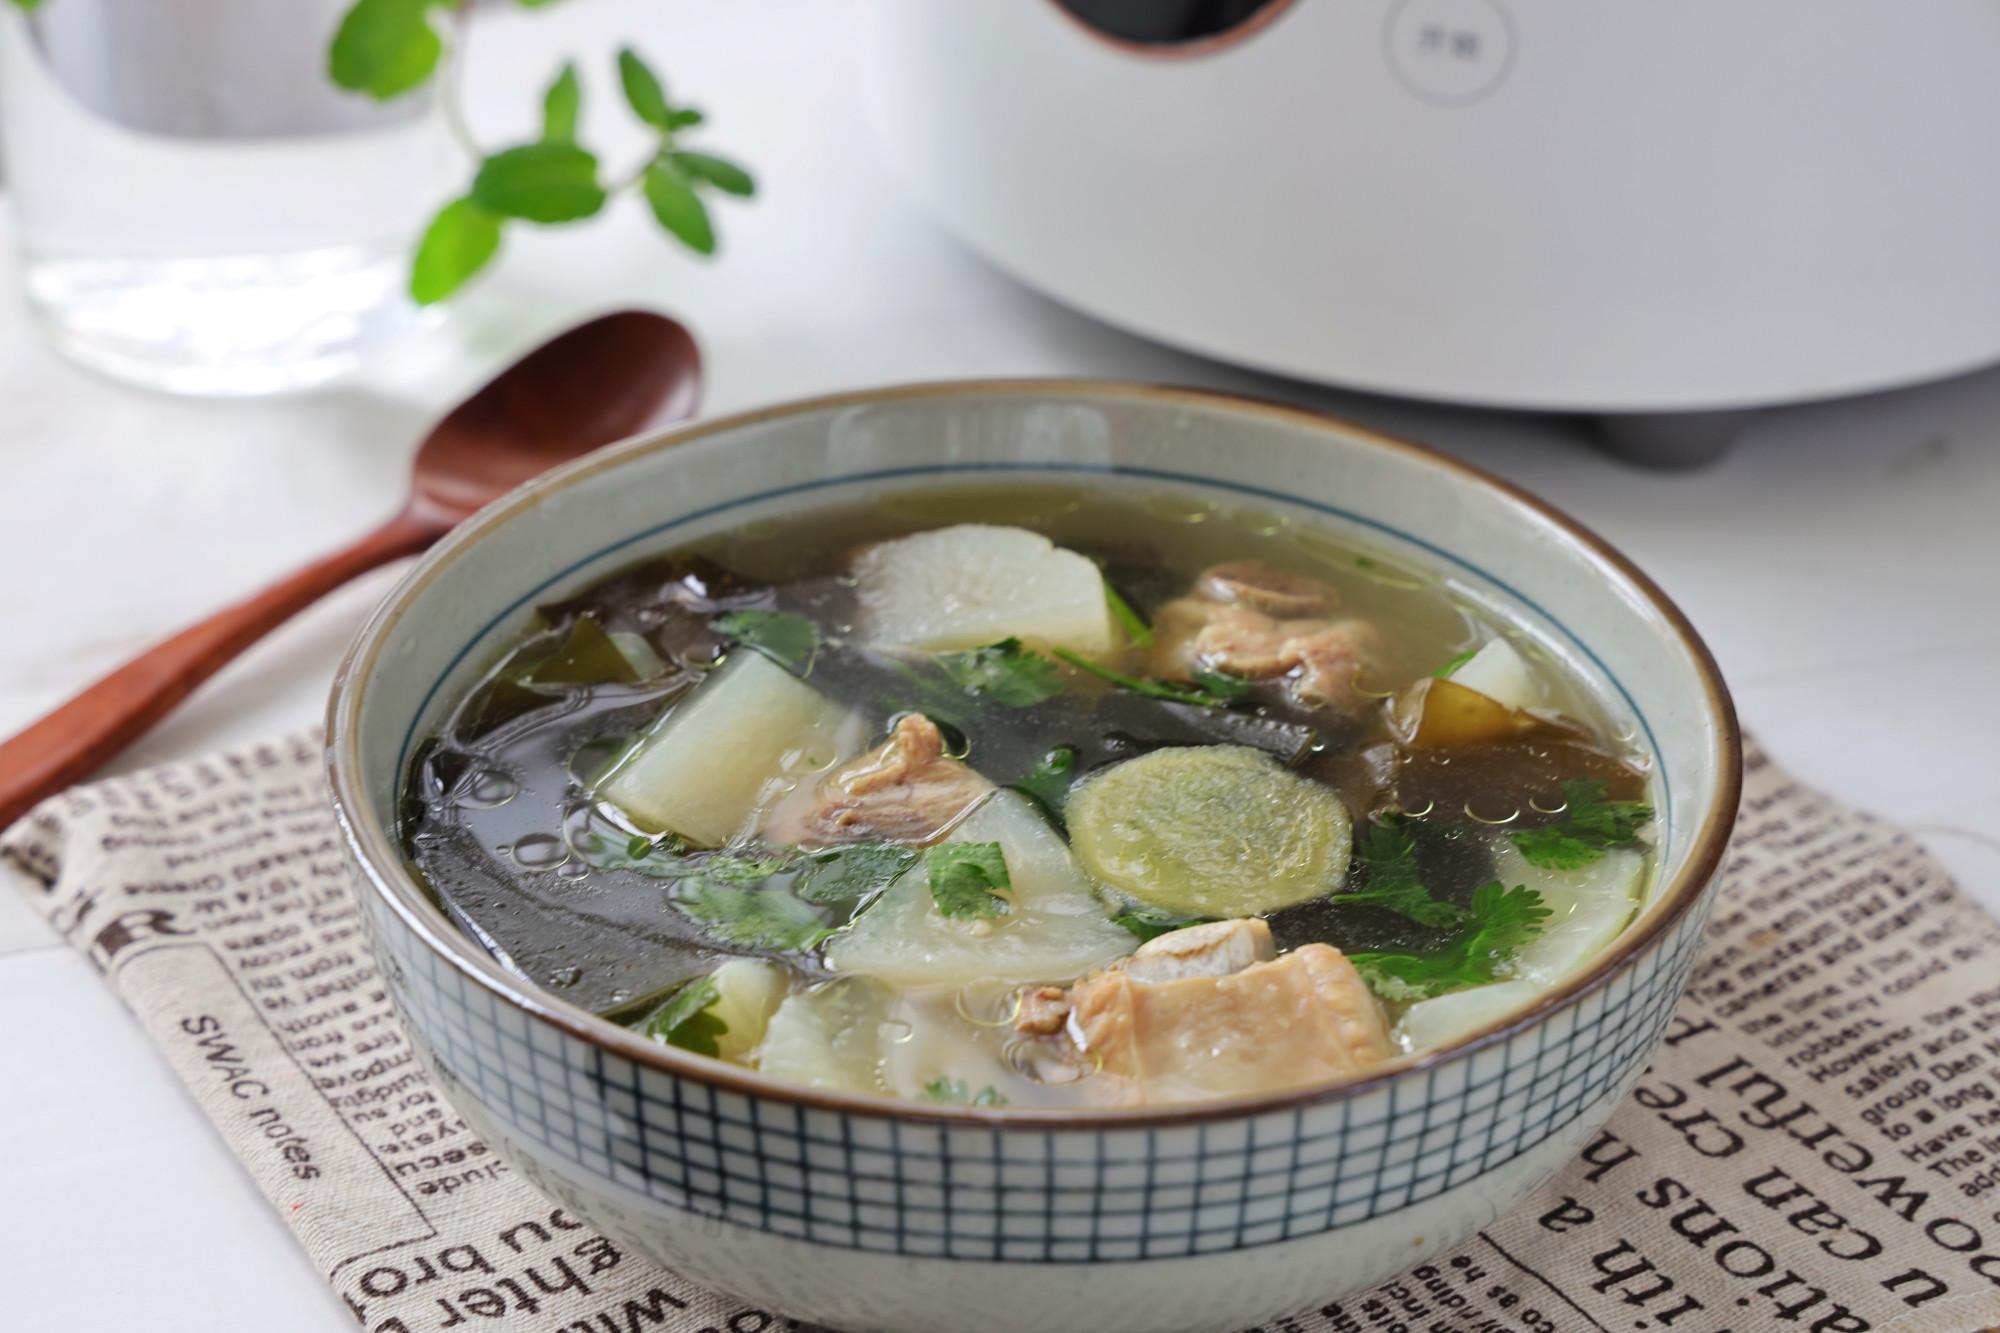 冬天來了,我家經常喝的一鍋湯水,既養胃又保暖,百喝不厭